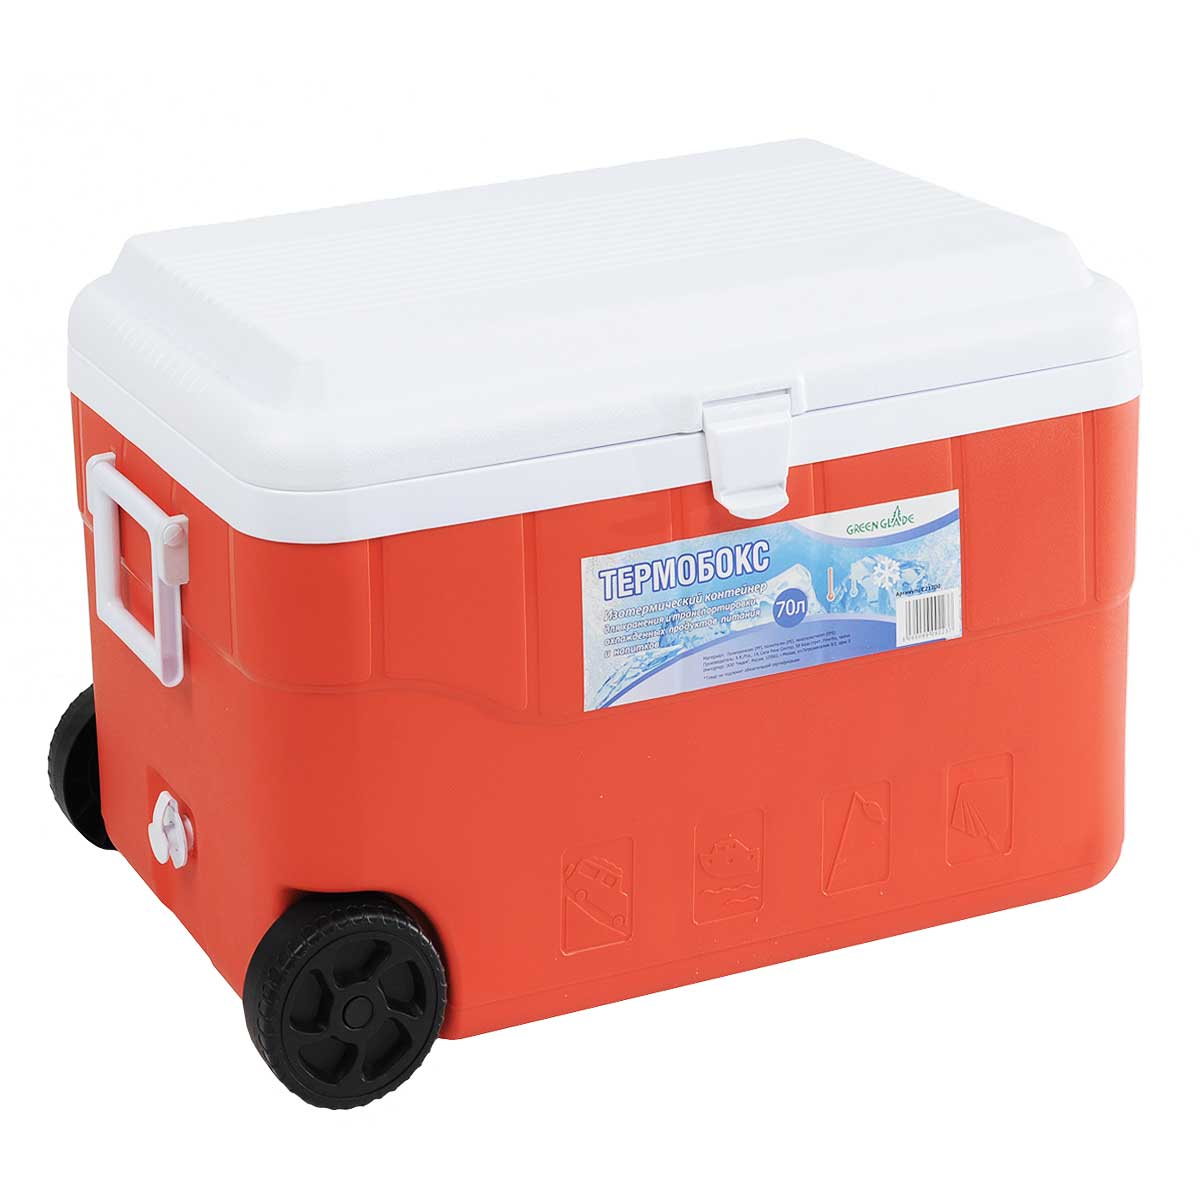 Контейнер изотермический Green Glade, на колесиках, цвет: красный, 70 л контейнер изотермический green glade цвет голубой 4 5 л